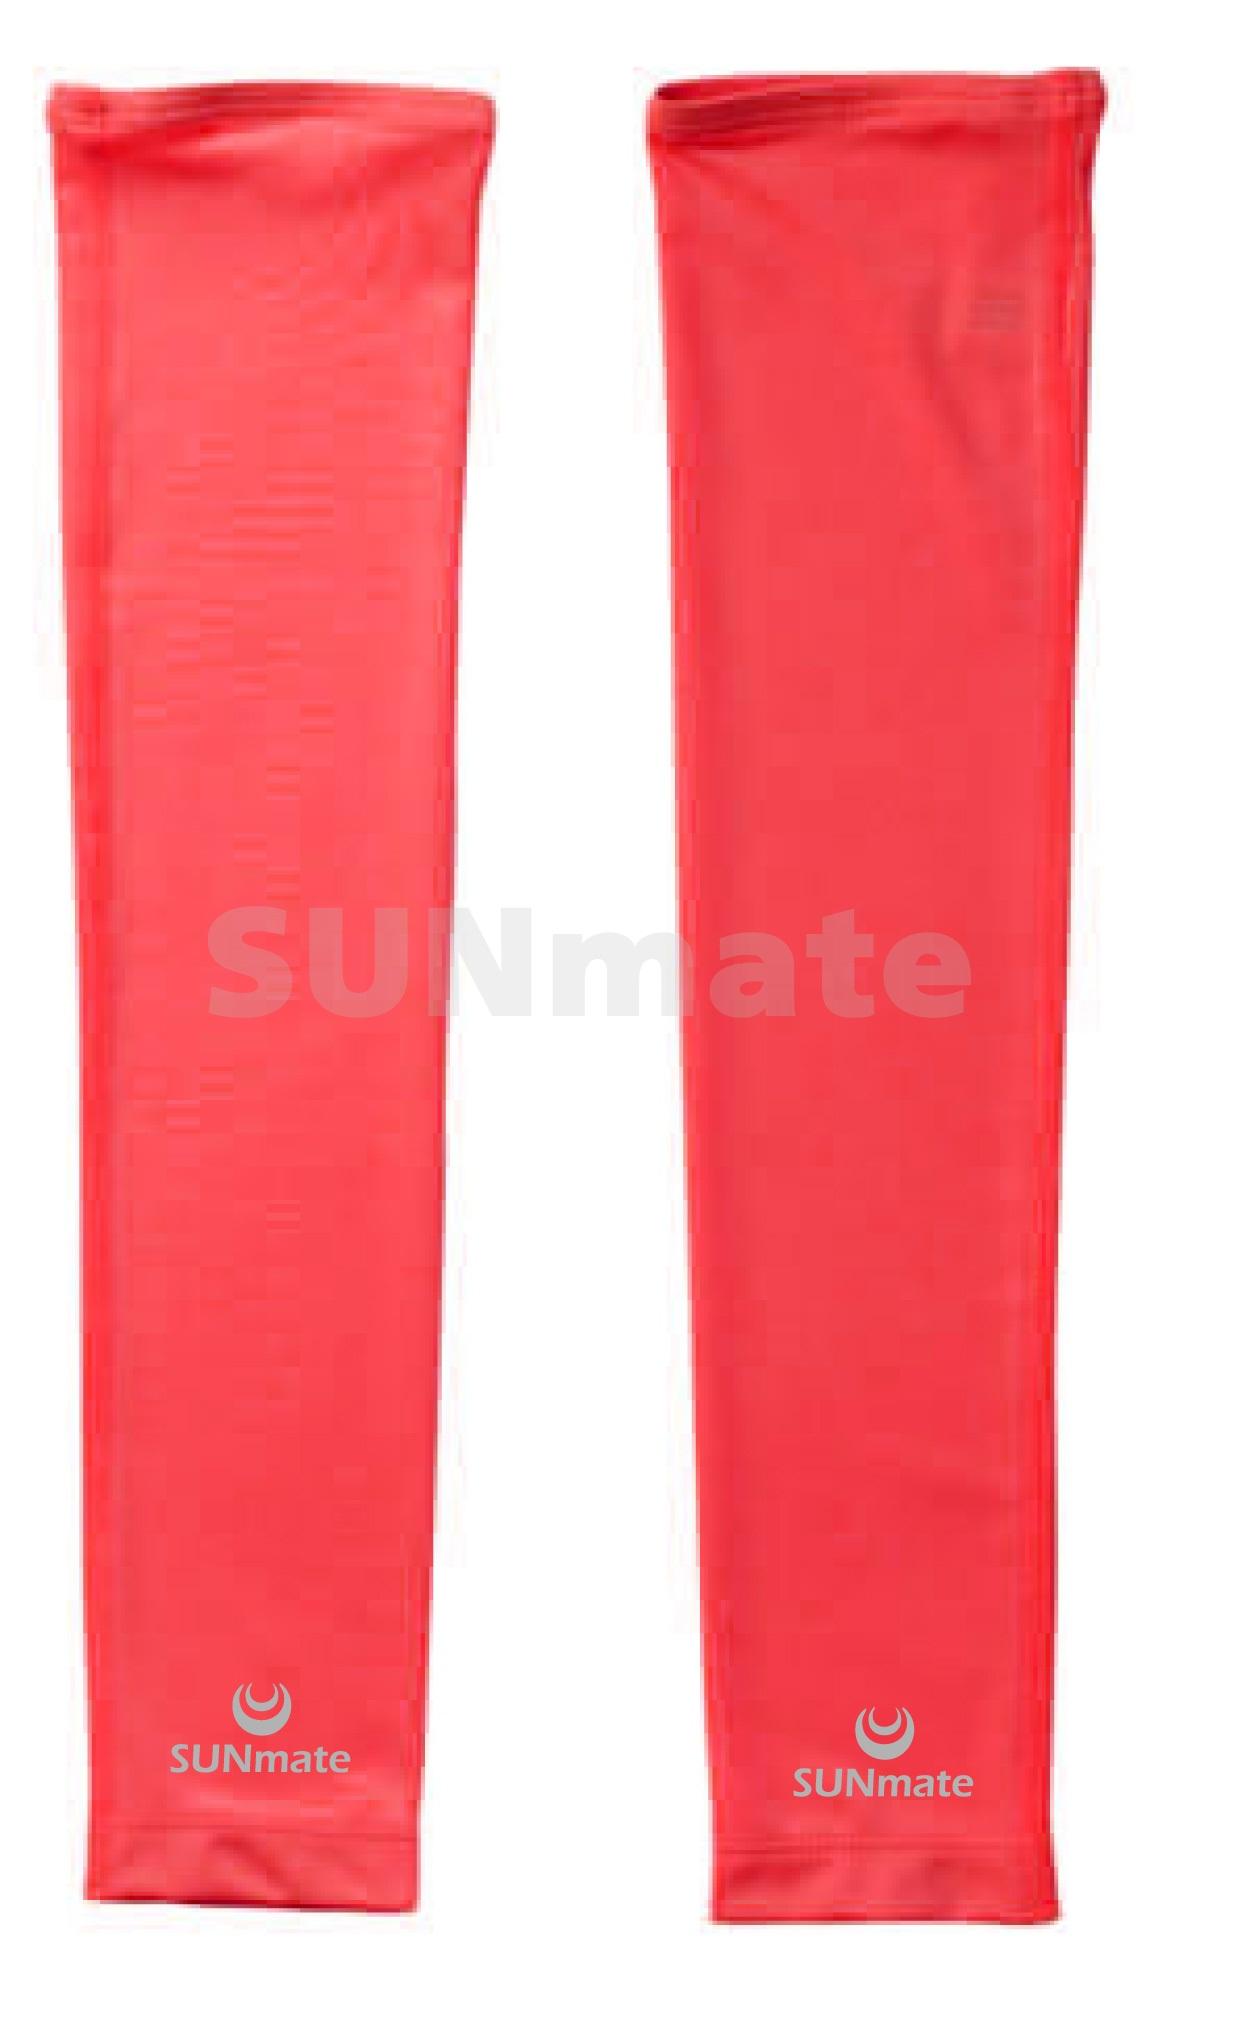 ปลอกแขนกัน UV size M : Red scarlet